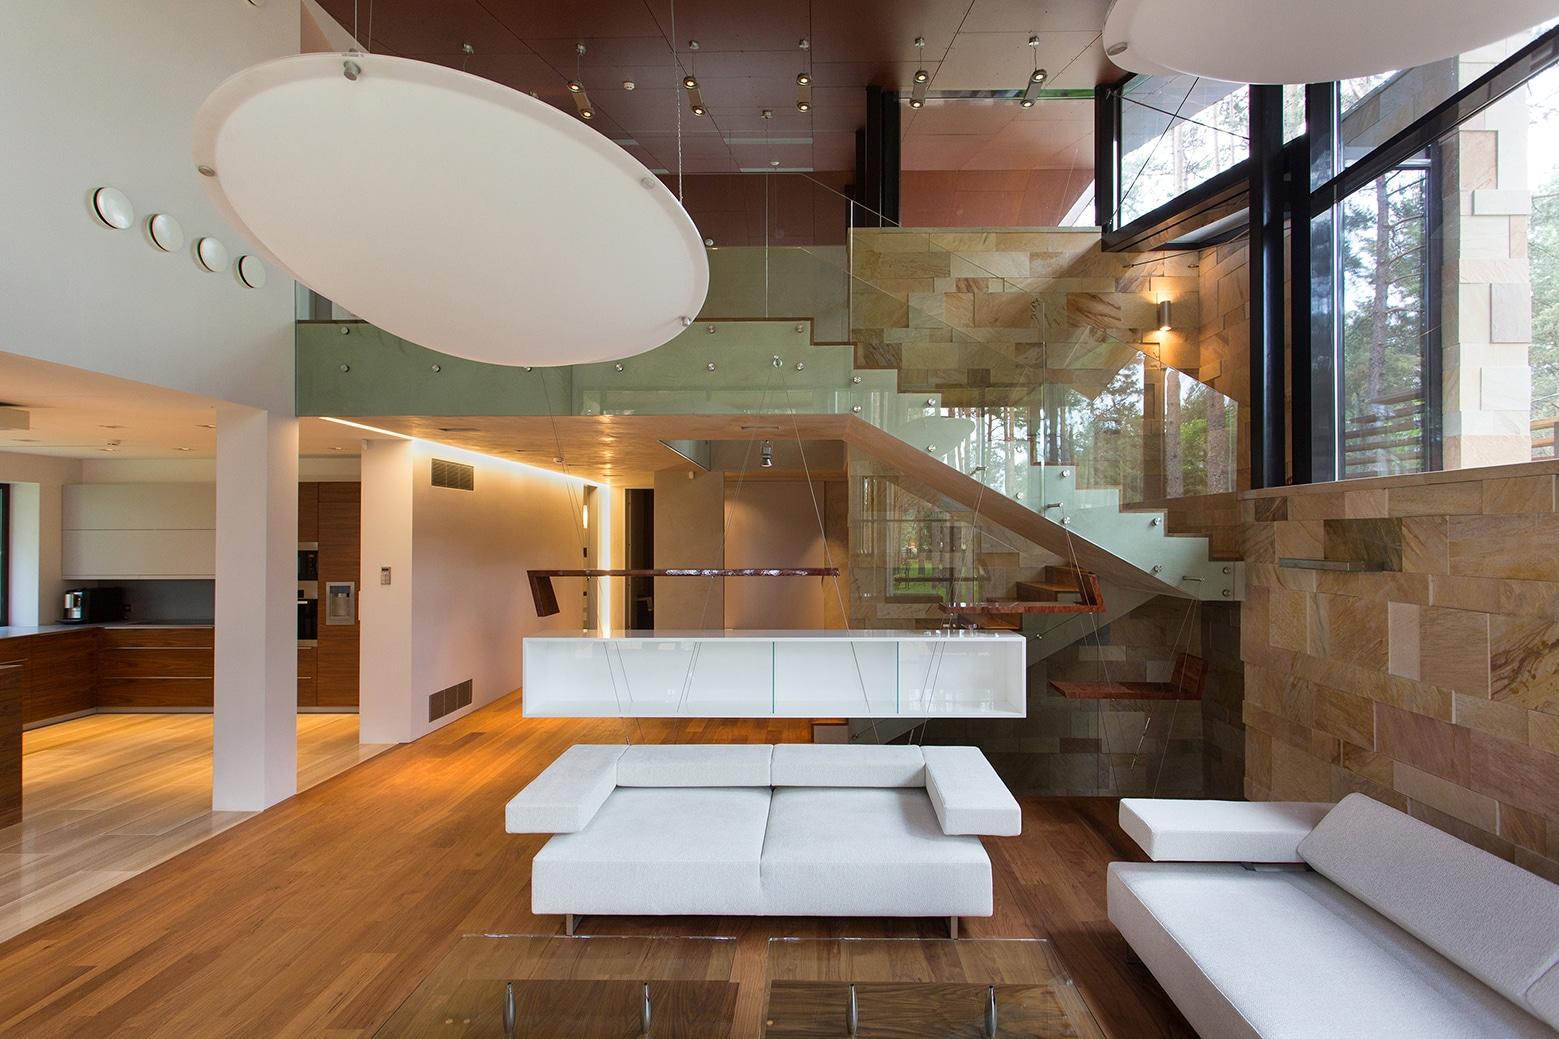 Interiores modernos de casas fotos for Diseno de interiores de casas modernas minimalistas